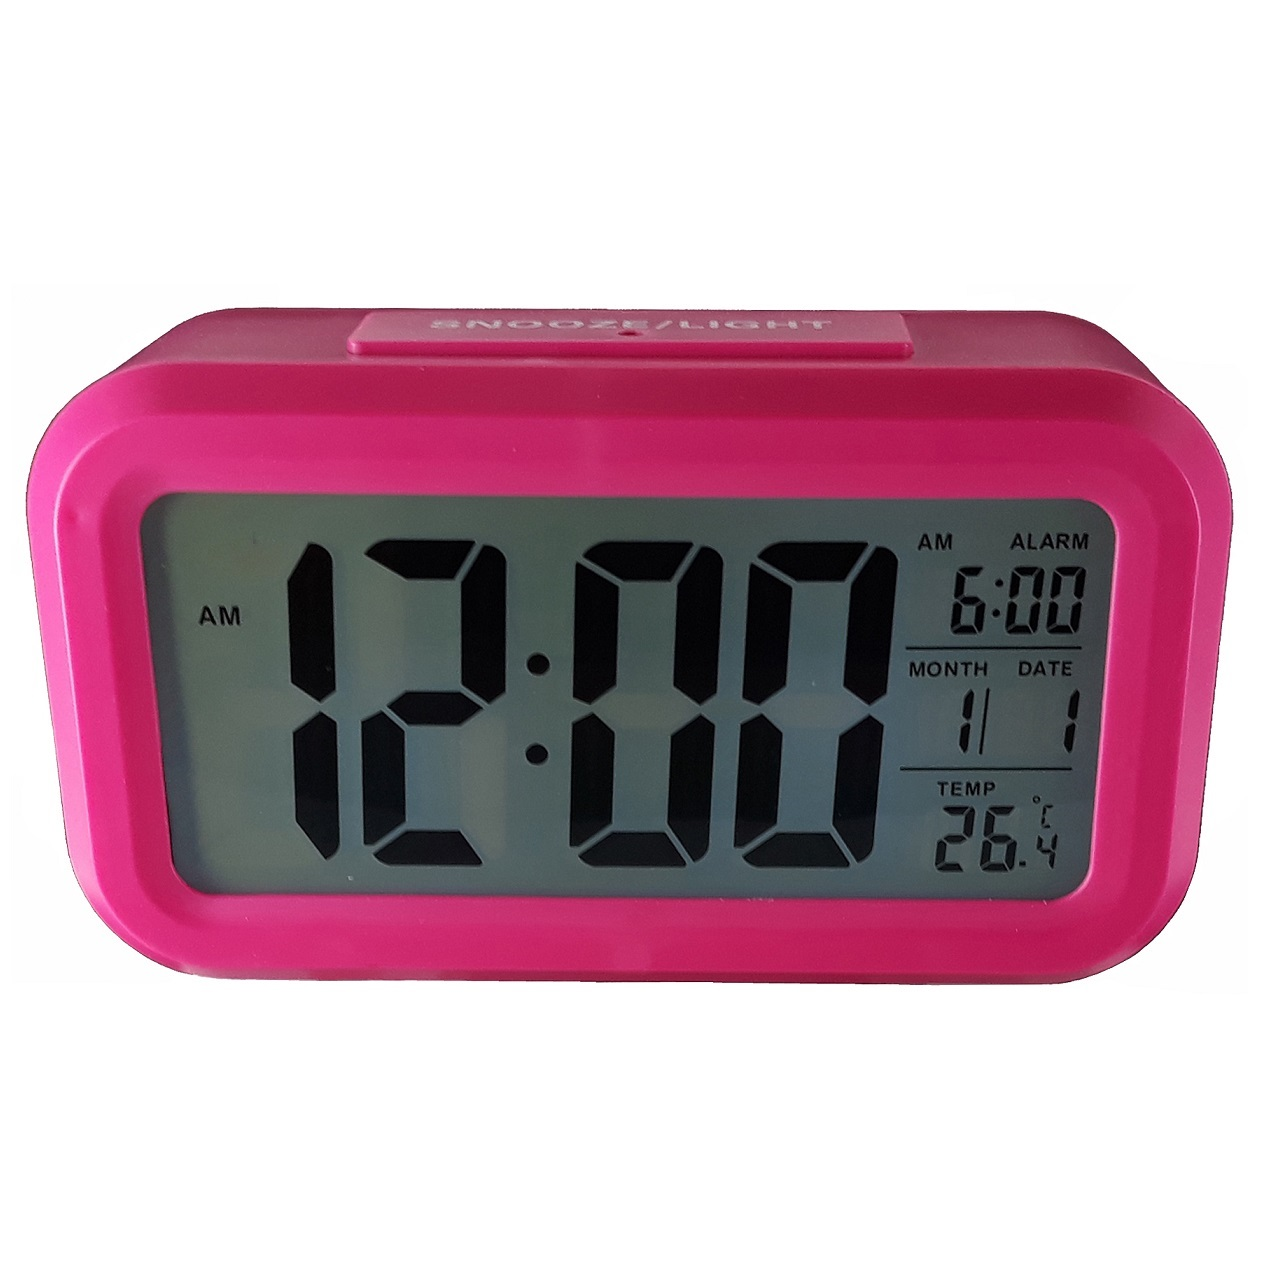 ساعت رومیزی هوشمند اسمارت کلاک مدل TCK-18 کدP21